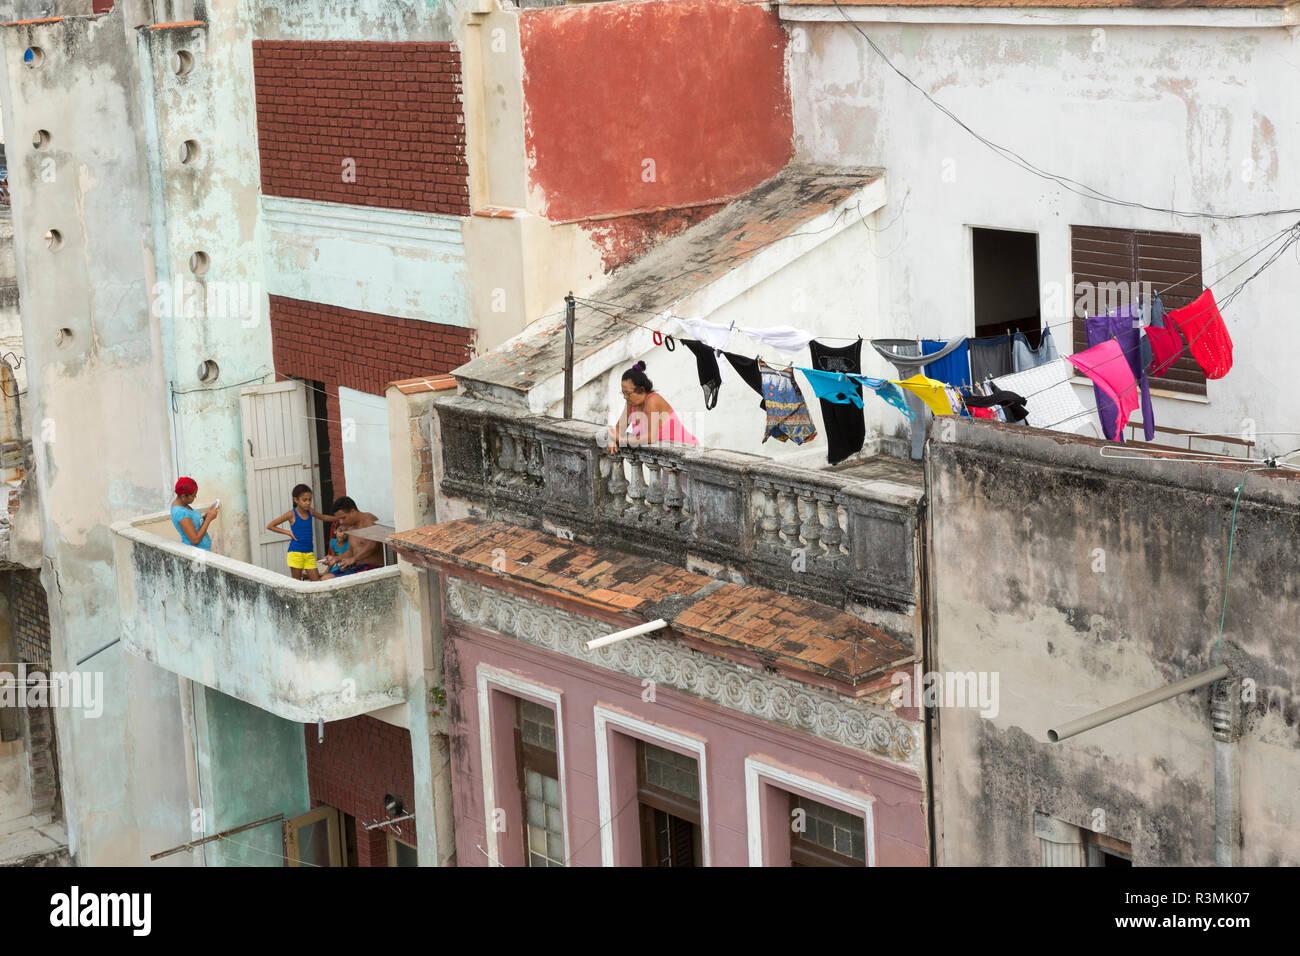 Cuba, Havana. People on their balconies. Credit as: Wendy Kaveney / Jaynes Gallery / DanitaDelimont.com Stock Photo